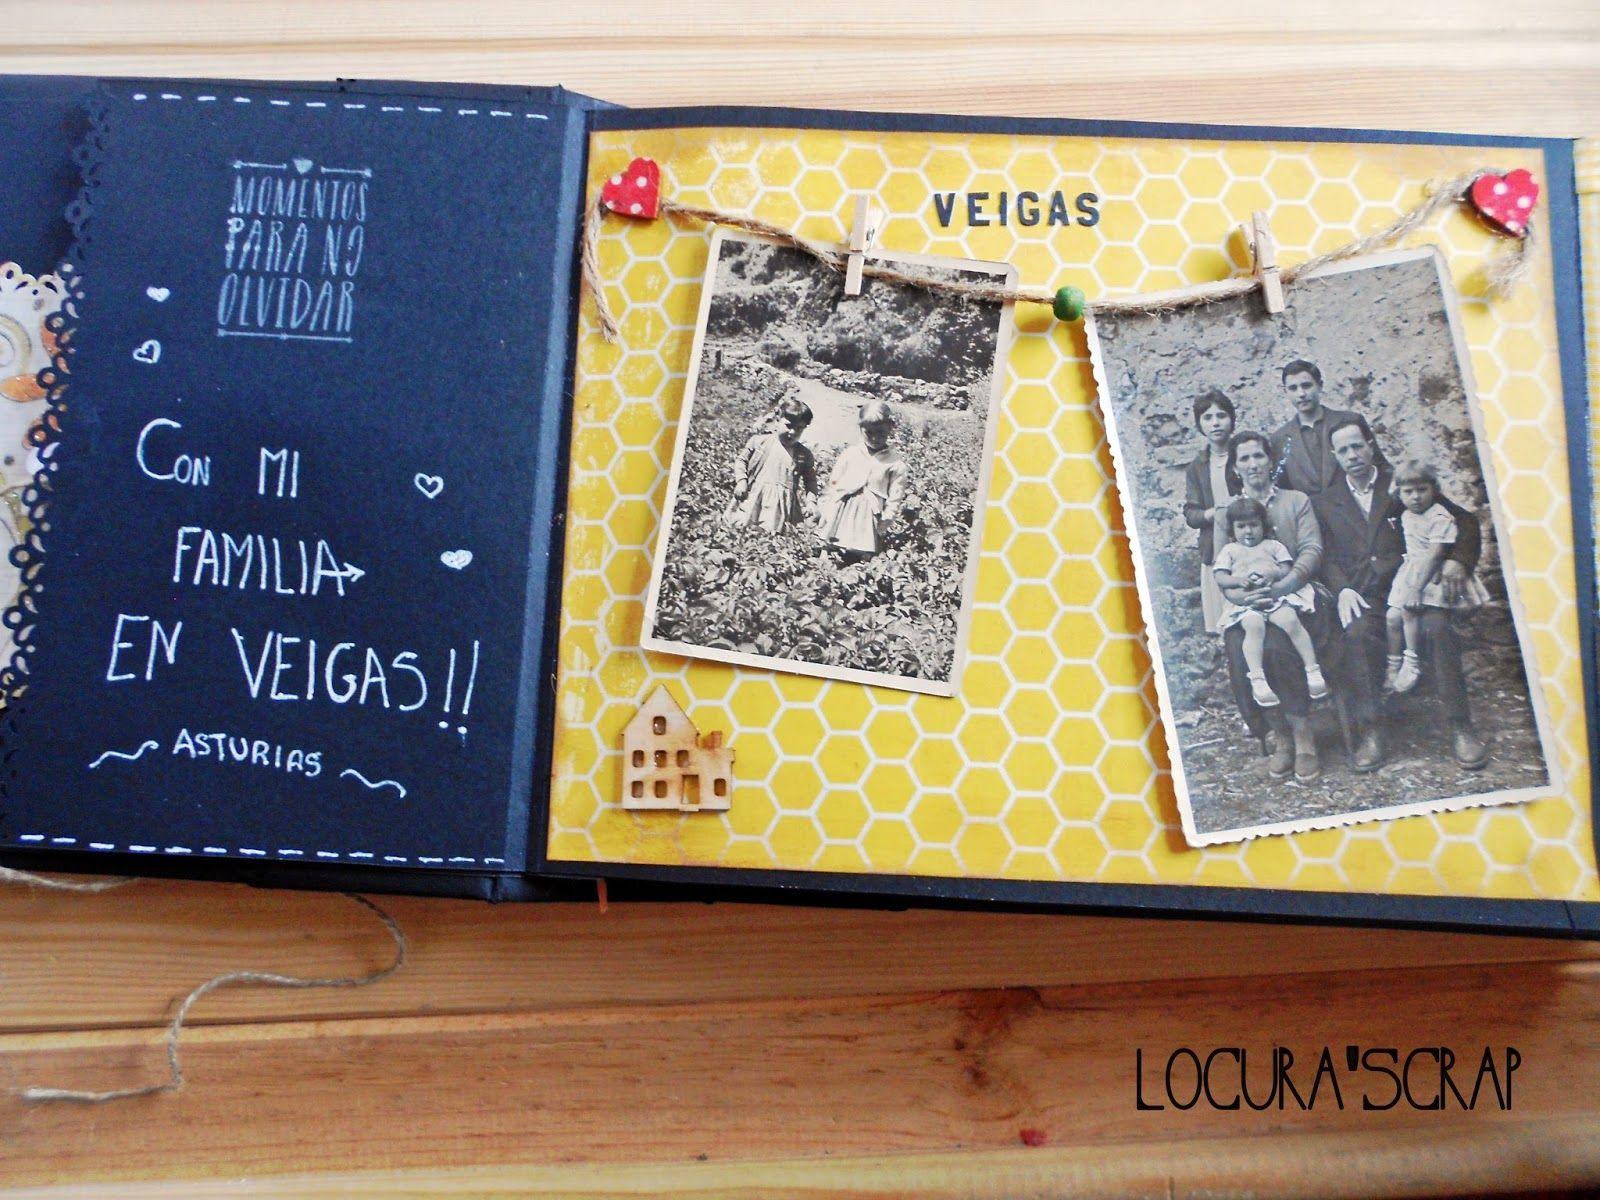 Locura 39 scrap blog dedicado al scrapbooking y manualidades lbum scrapbooking lomo album - Manualidades album de fotos casero ...